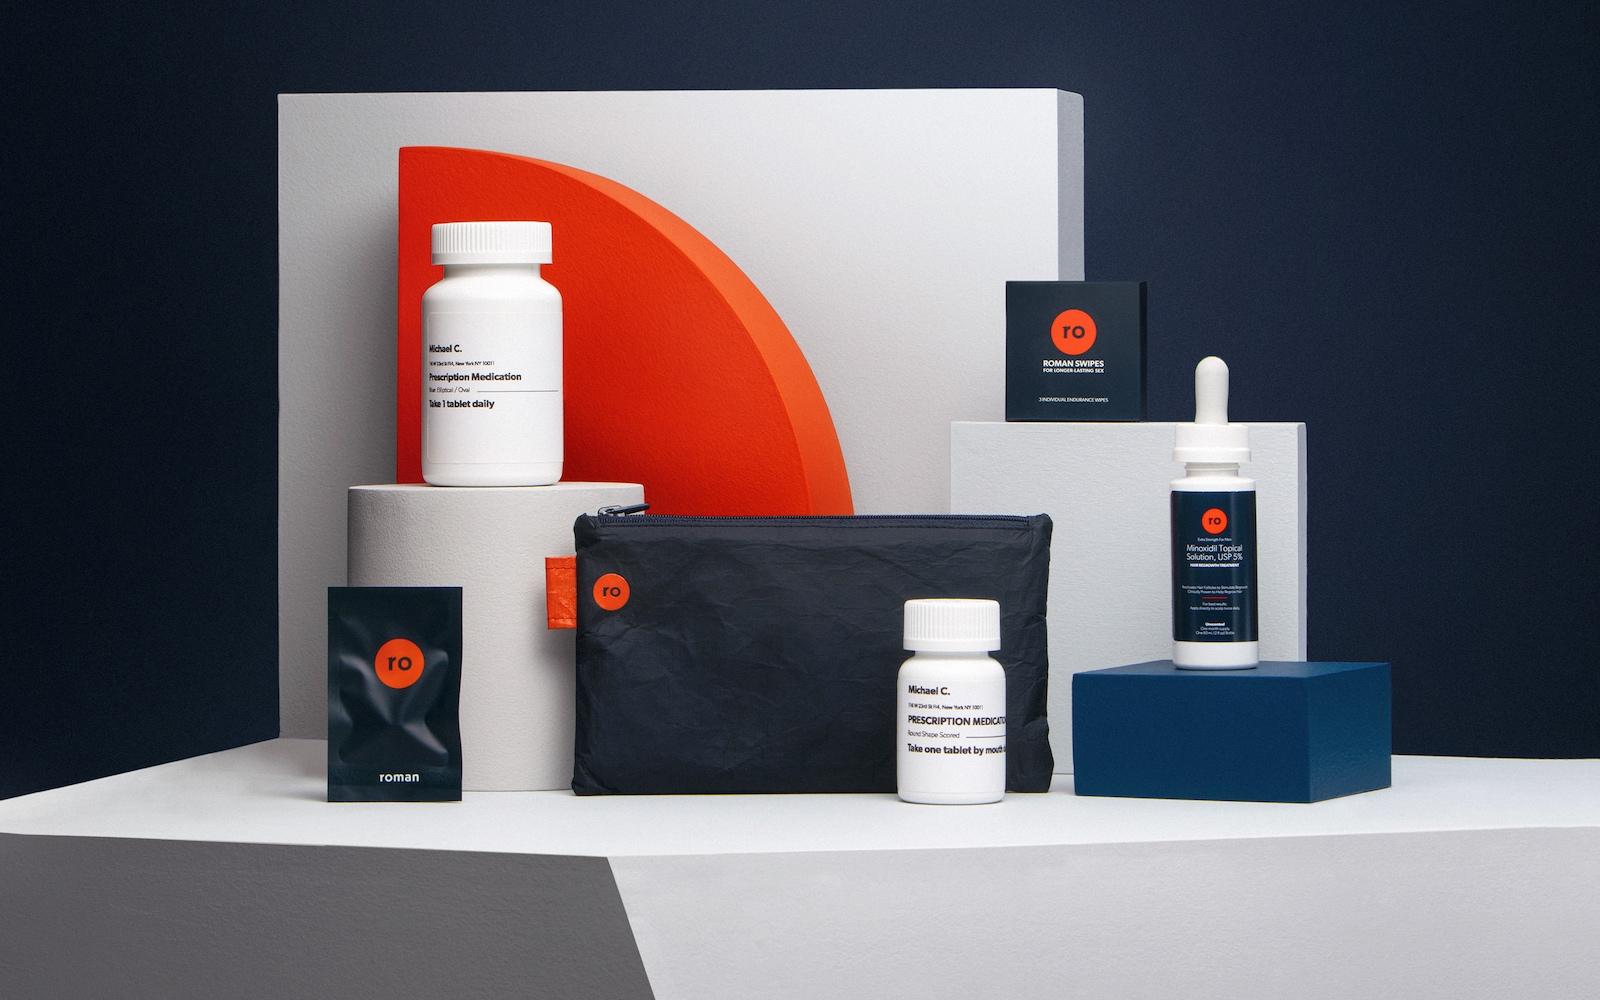 创立第 3 年估值 15 亿美元,DTC 健康管理品牌 Ro 完成 2 亿美元 C 轮融资